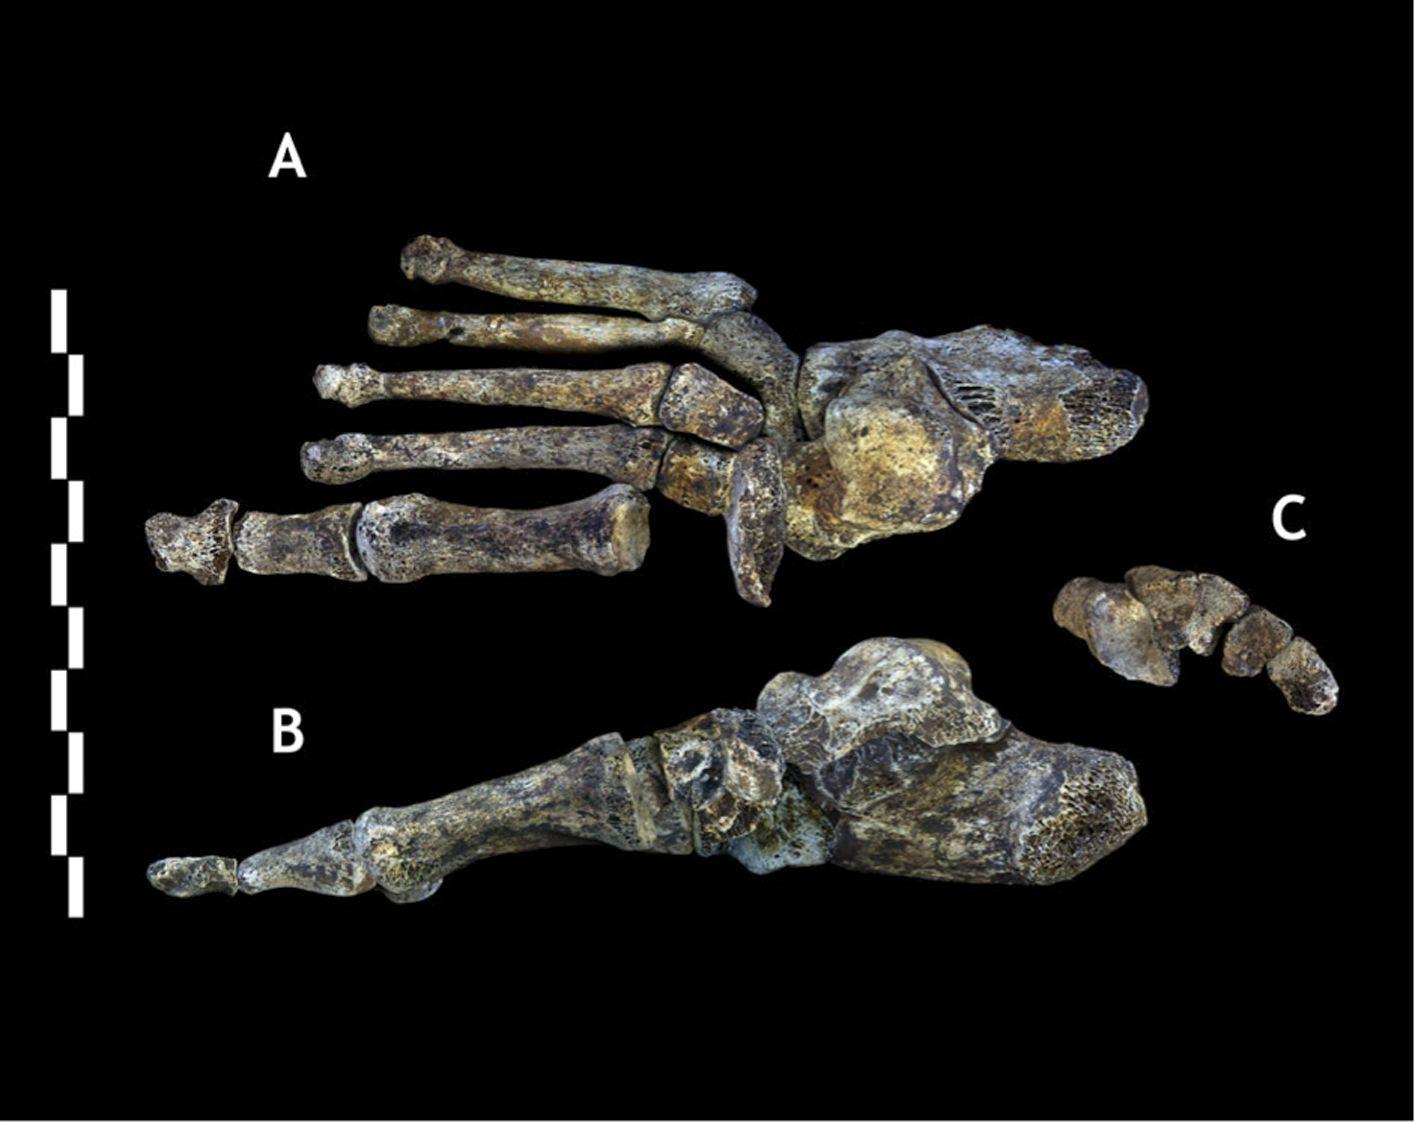 """南非洞穴发现人类新物种""""纳莱蒂人"""" 人类起源研究的新线索"""